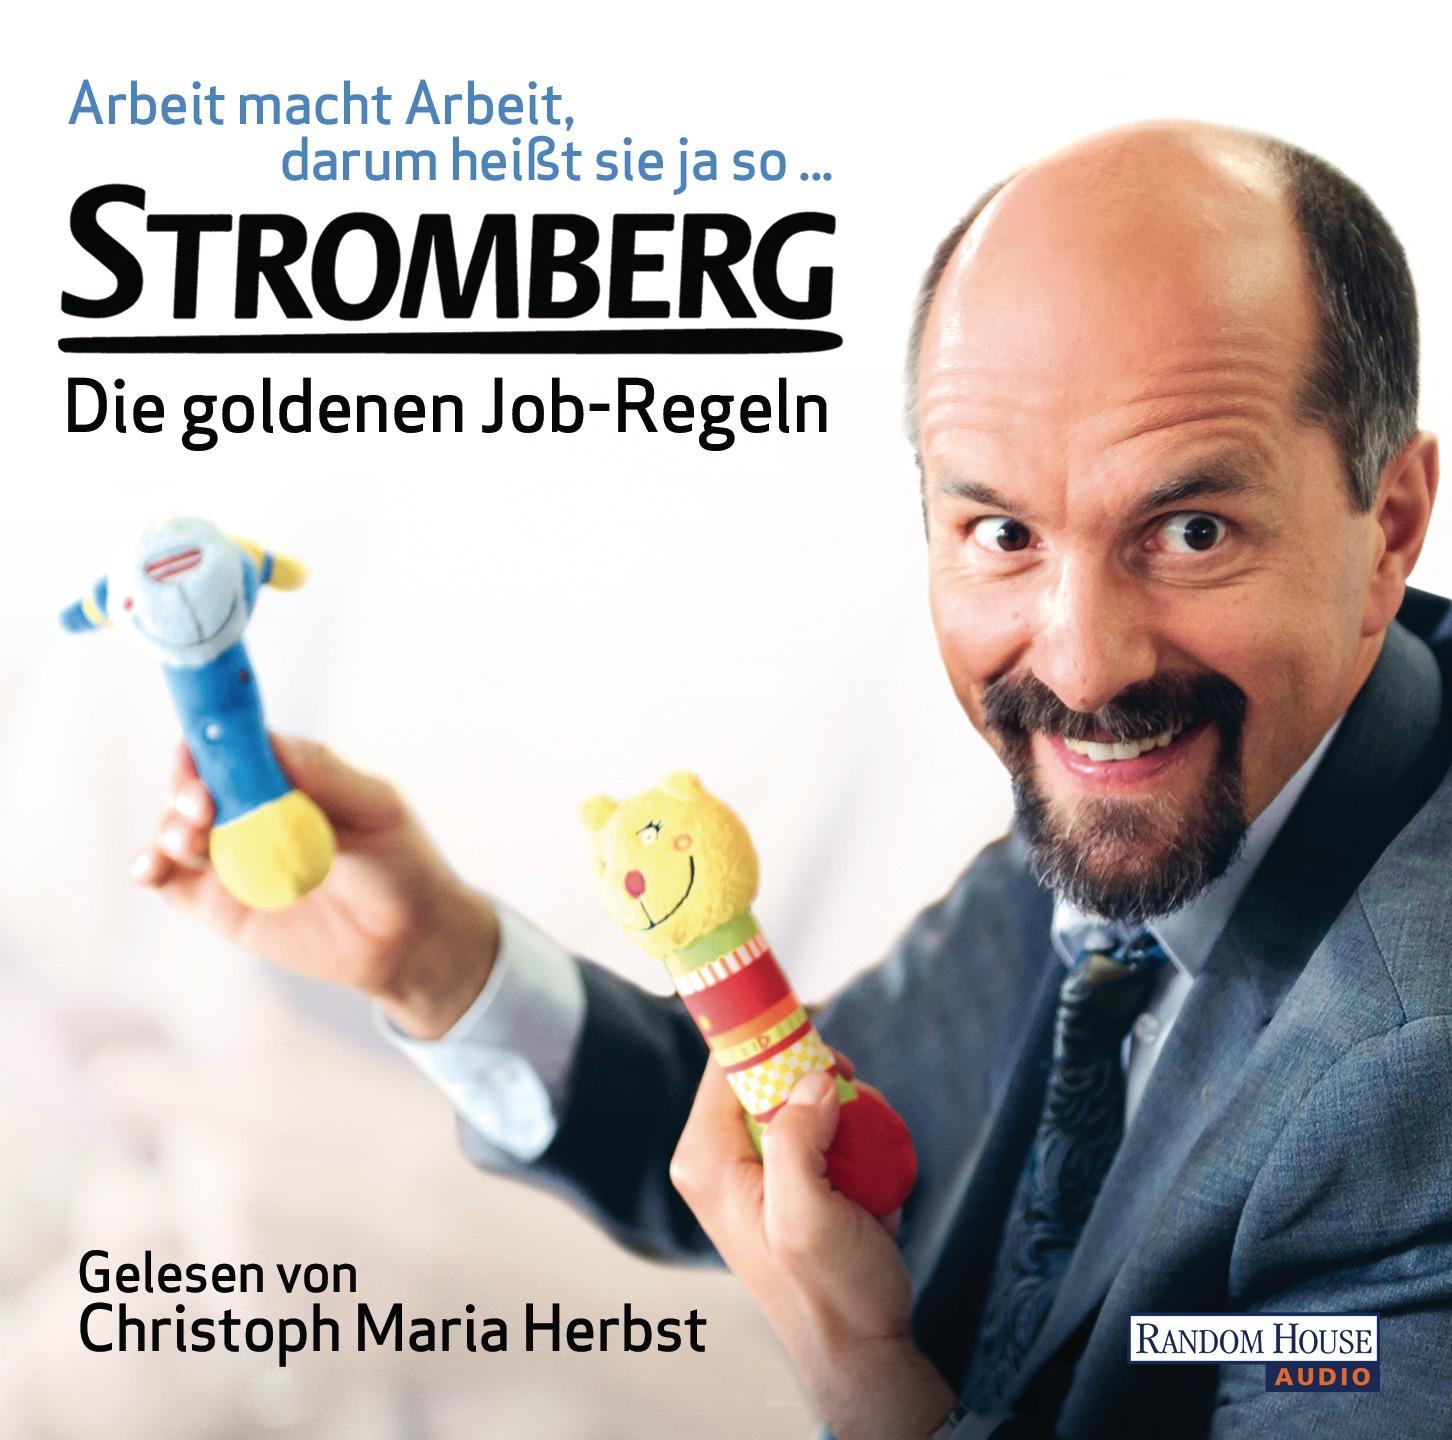 Stromberg - Die goldenen Job-Regeln: Arbeit macht Arbeit, darum heißt sie ja so... - Ralf Husmann [Audio CD]